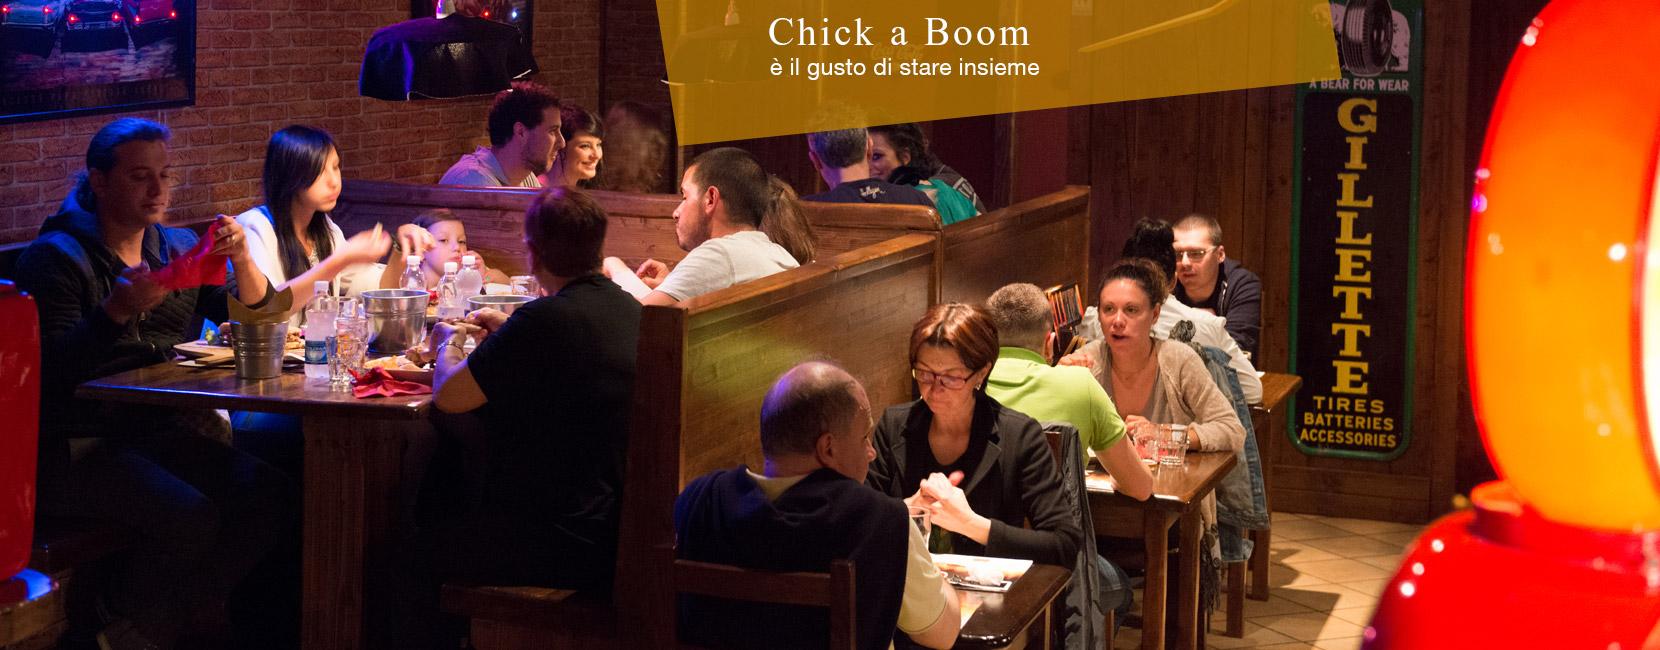 Chick A Boom, Brasserie di Pordenone locale